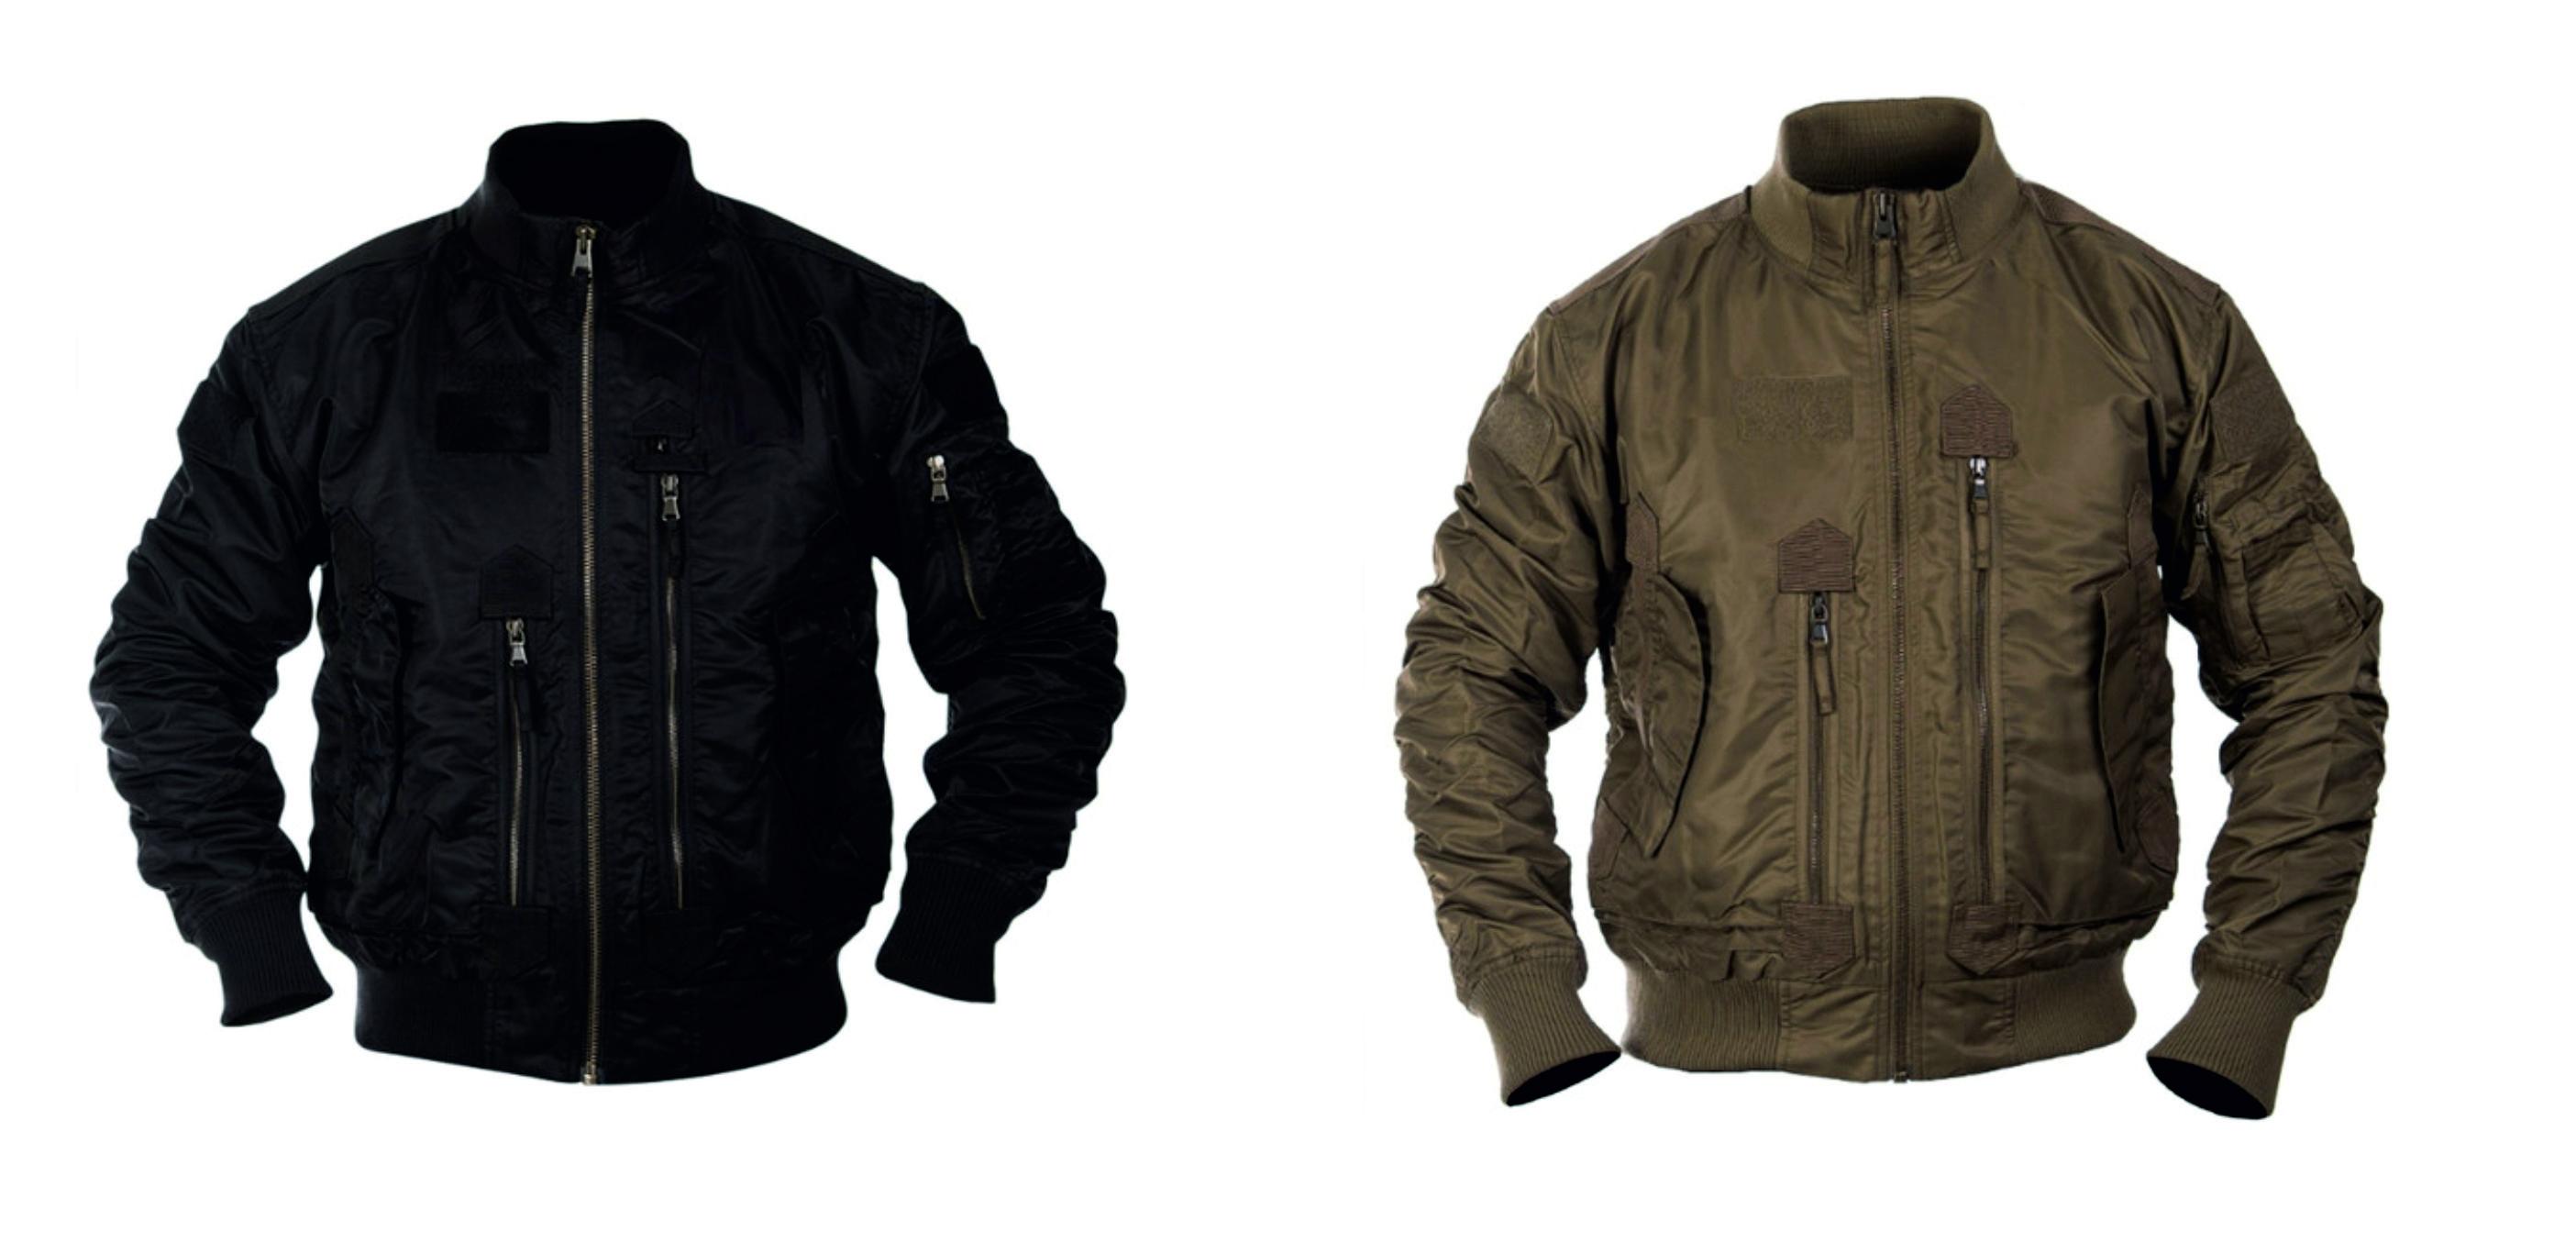 Taktikai Pilóta Dzseki képek  Obsit Military Shop ... bf227b265e